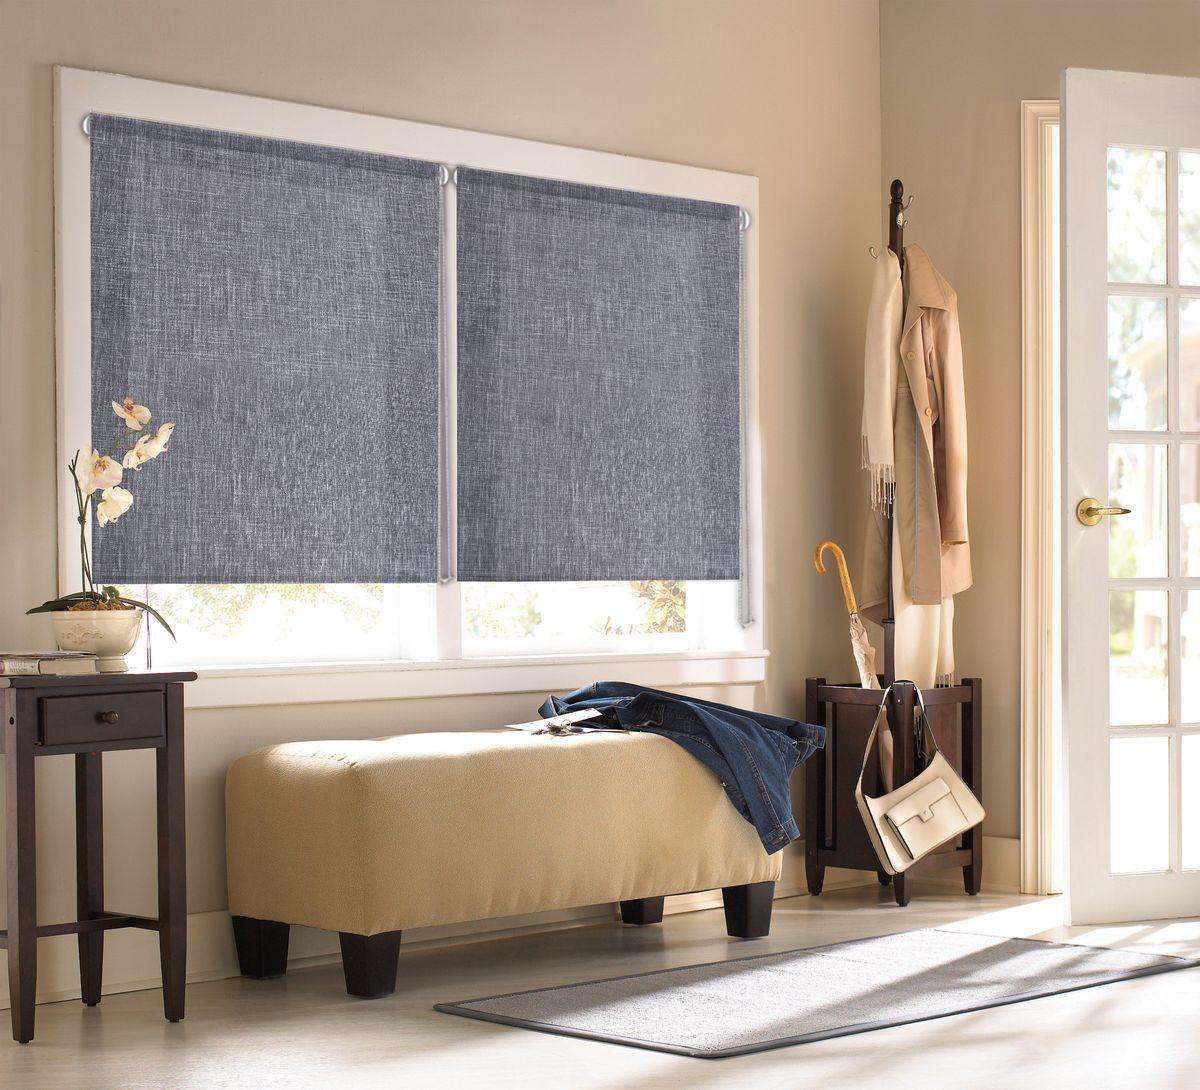 """Рулонными шторами Эскар """"Миниролло. Меланж"""" можно оформлять окна как самостоятельно, так и использовать в комбинации с портьерами. Это поможет предотвратить выгорание дорогой ткани на солнце и соединит функционал рулонных с красотой навесных.  Преимущества применения рулонных штор для пластиковых окон:  - имеют прекрасный внешний вид: многообразие и фактурность материала изделия отлично смотрятся в любом интерьере; - многофункциональны: есть возможность подобрать шторы способные эффективно защитить комнату от солнца, при этом она не будет слишком темной;   - есть возможность осуществить быстрый монтаж. ВНИМАНИЕ! Размеры ширины изделия указаны по ширине ткани!  Во время эксплуатации не рекомендуется полностью разматывать рулон, чтобы не оторвать ткань от намоточного вала.  В случае загрязнения поверхности ткани, чистку шторы проводят одним из способов, в зависимости от типа загрязнения: легкое поверхностное загрязнение можно удалить при помощи канцелярского ластика; чистка от пыли производится сухим методом при помощи пылесоса с мягкой щеткой-насадкой; для удаления пятна используйте мягкую губку с пенообразующим неагрессивным моющим средством или пятновыводитель на натуральной основе (нельзя применять растворители)."""